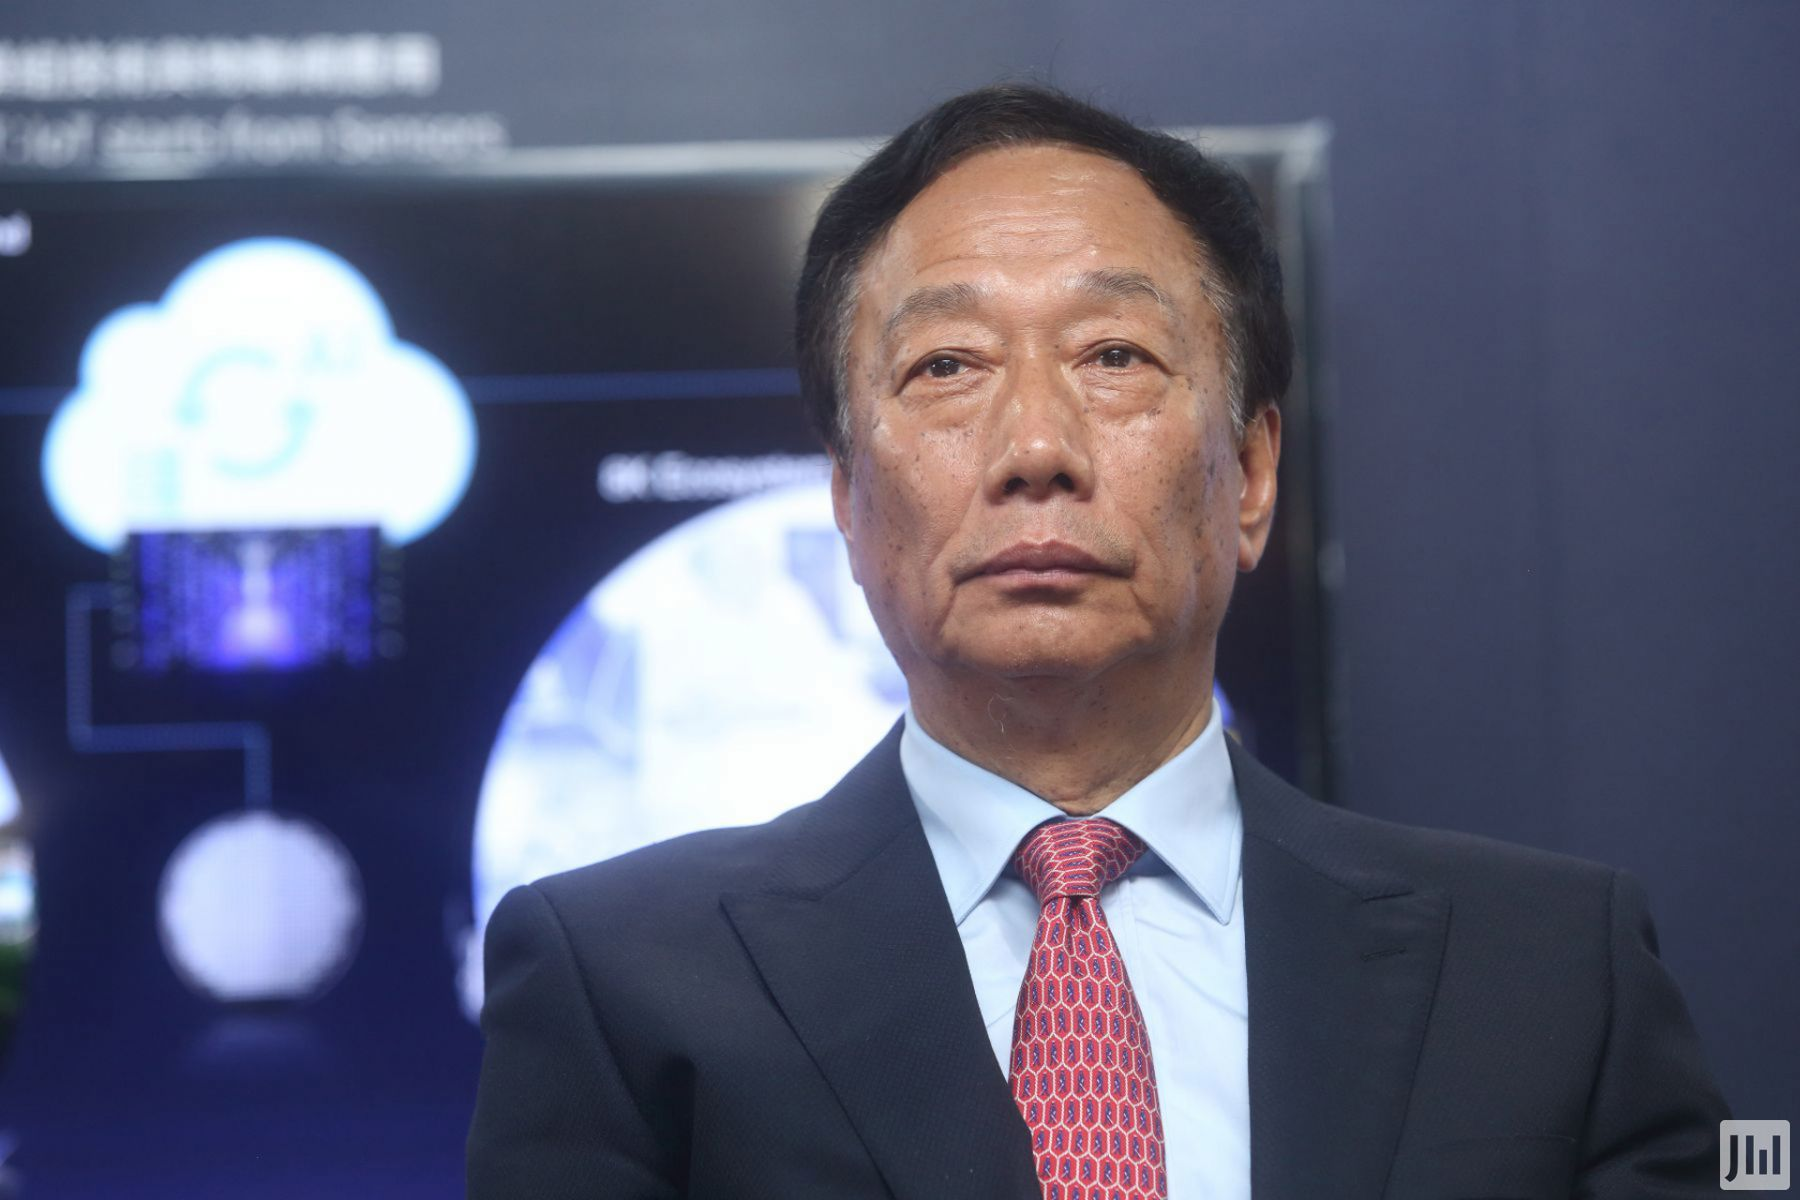 郭台铭宣布参加国民党党内初选 是否影响鸿海运营?